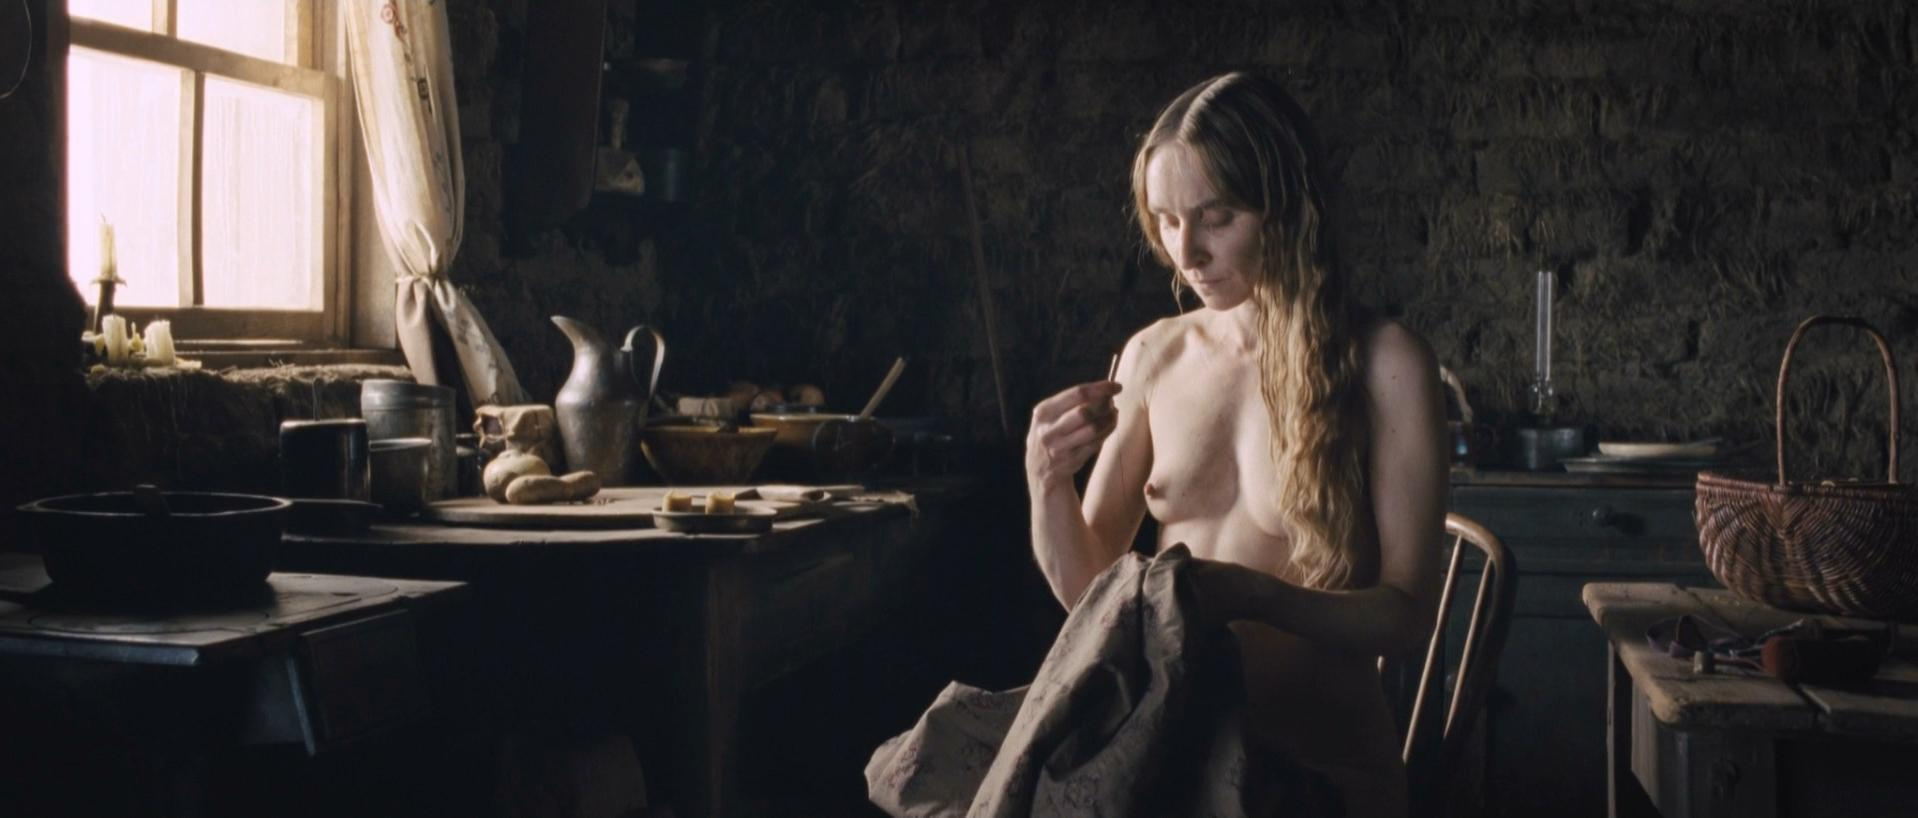 kinky ripped pantyhose sex pornstar